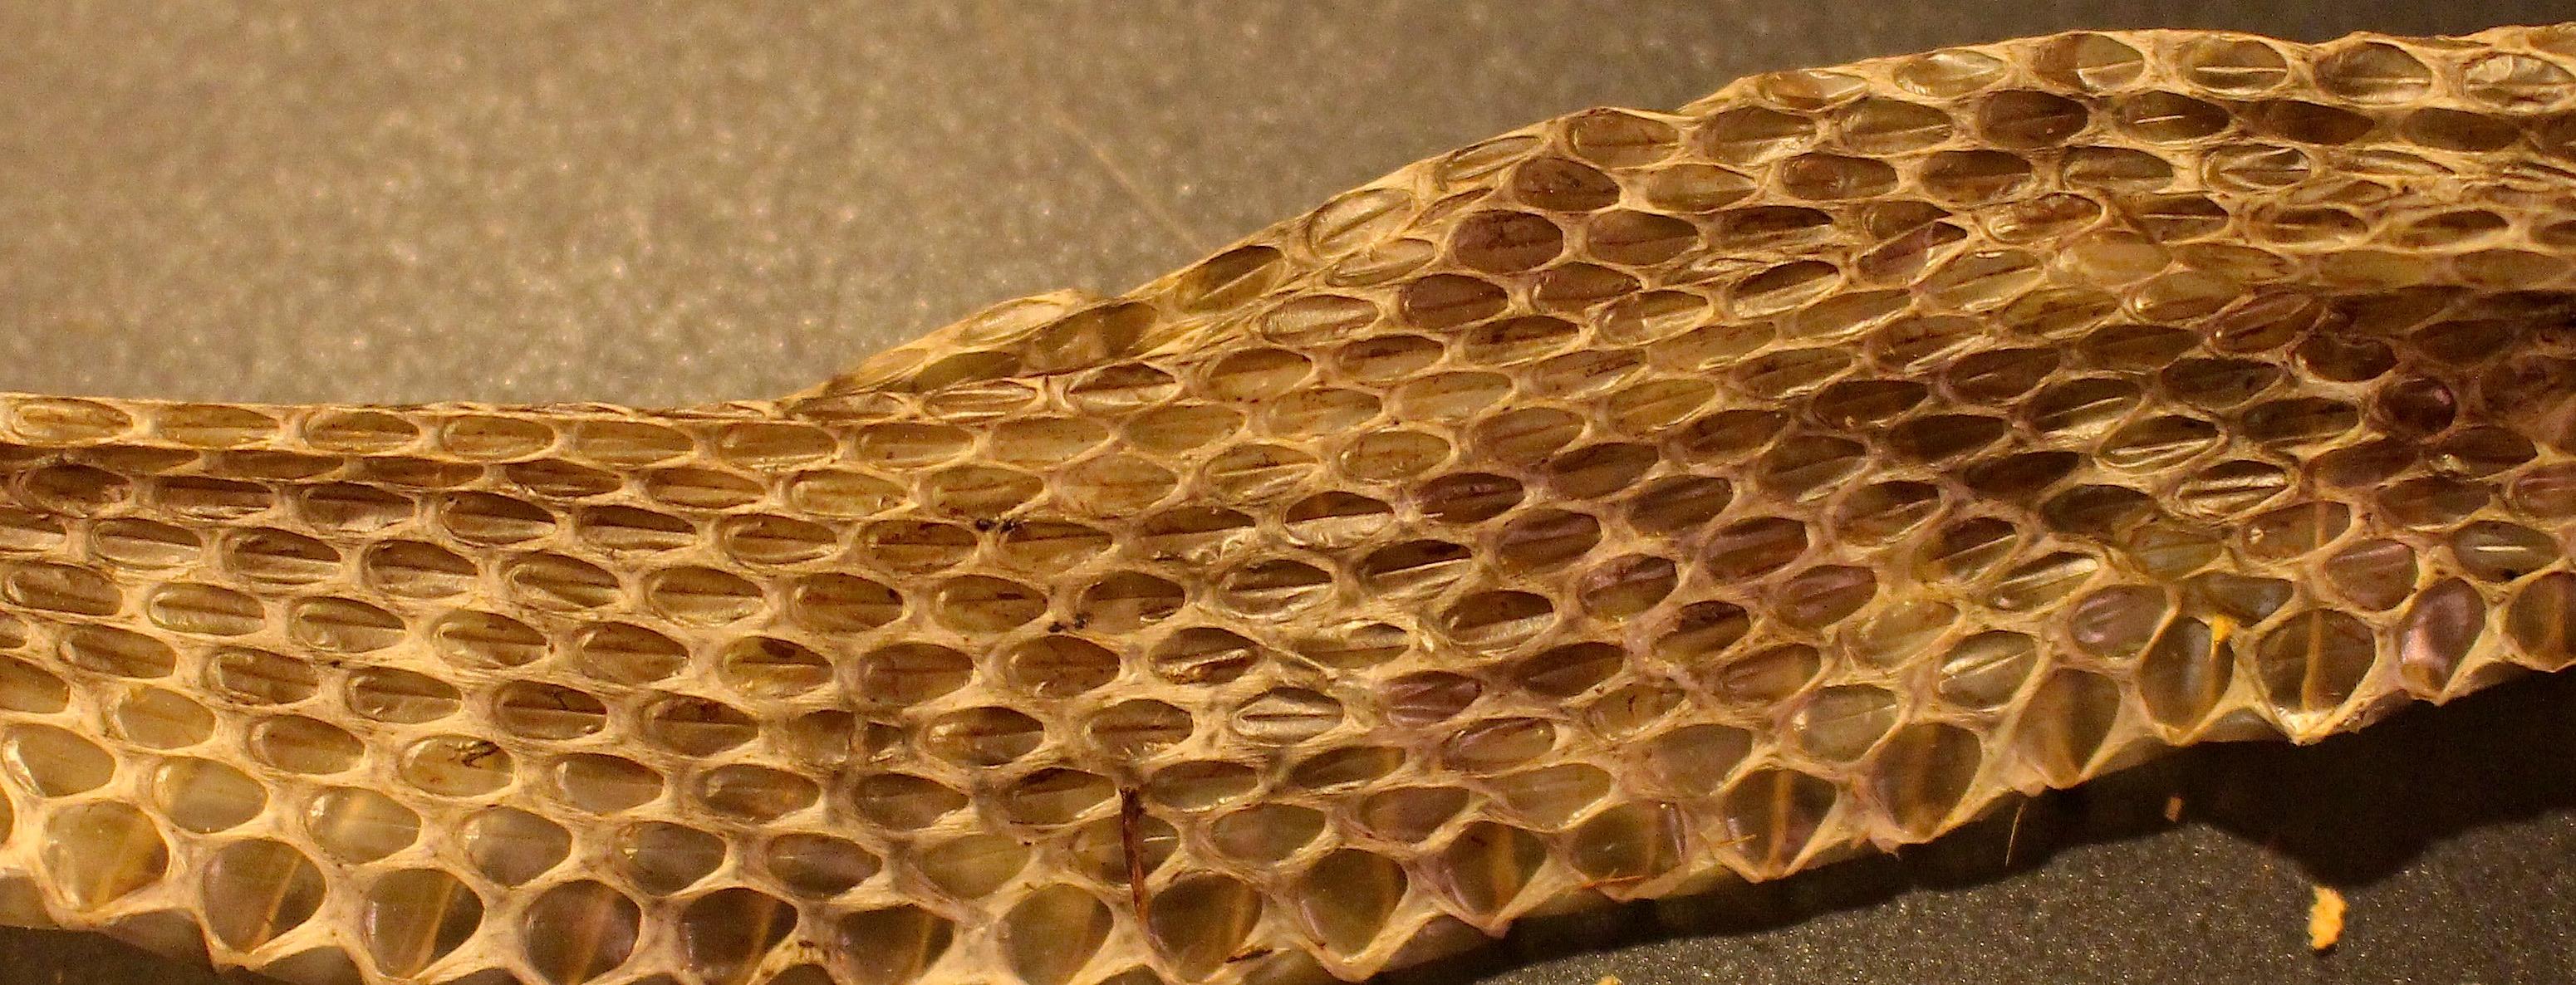 snakeskin5